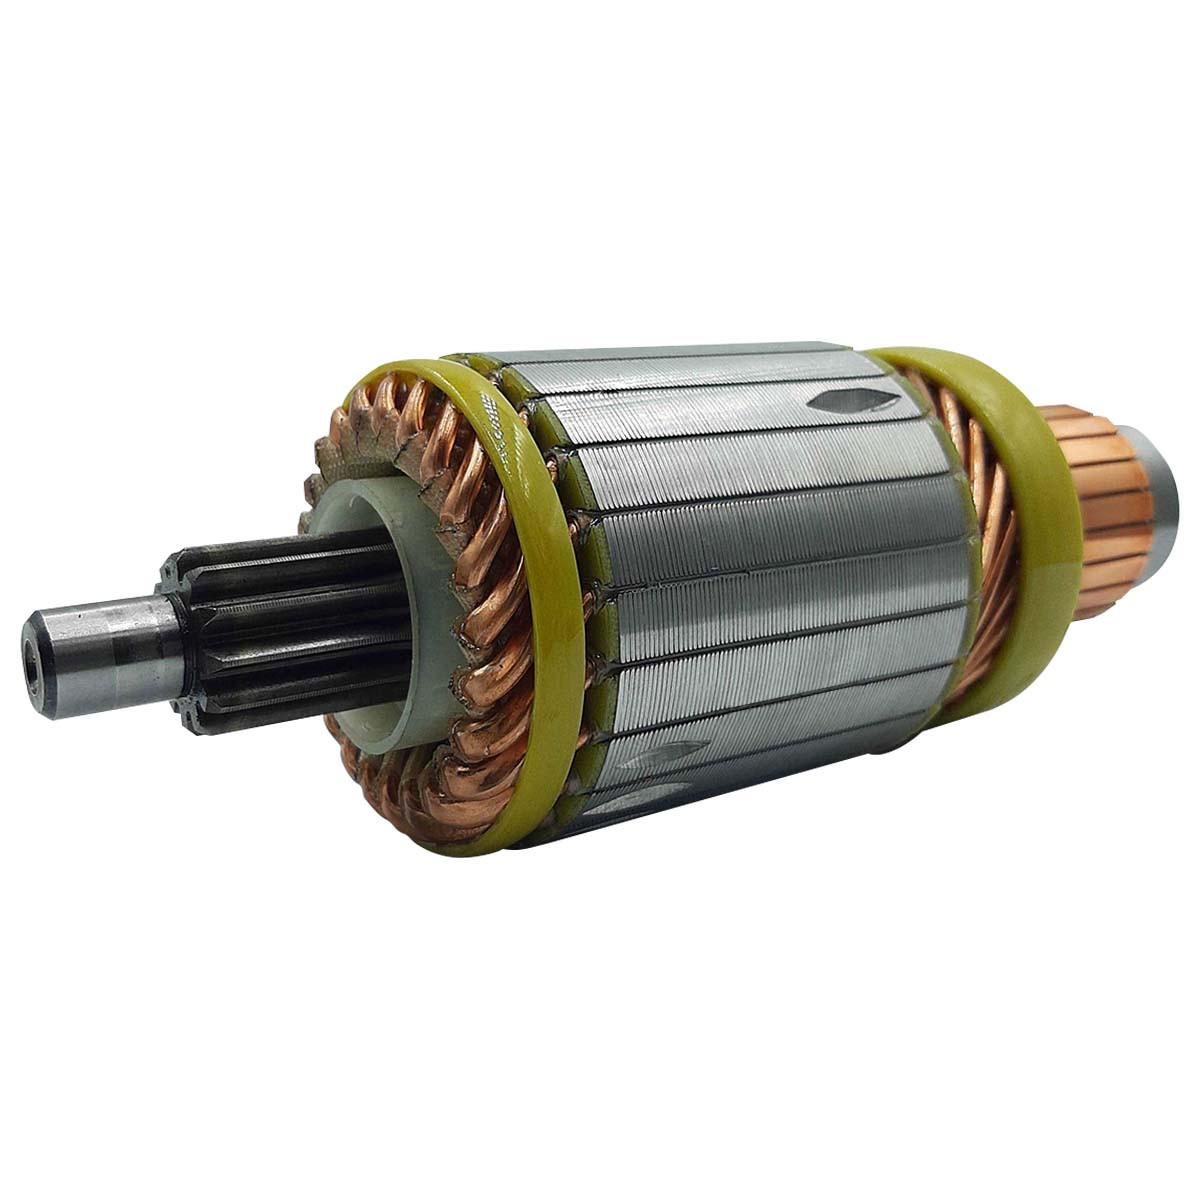 06-2481301 Якір до стартерів 24В (8,1 кВт) (TM JFD) (12 шліців)